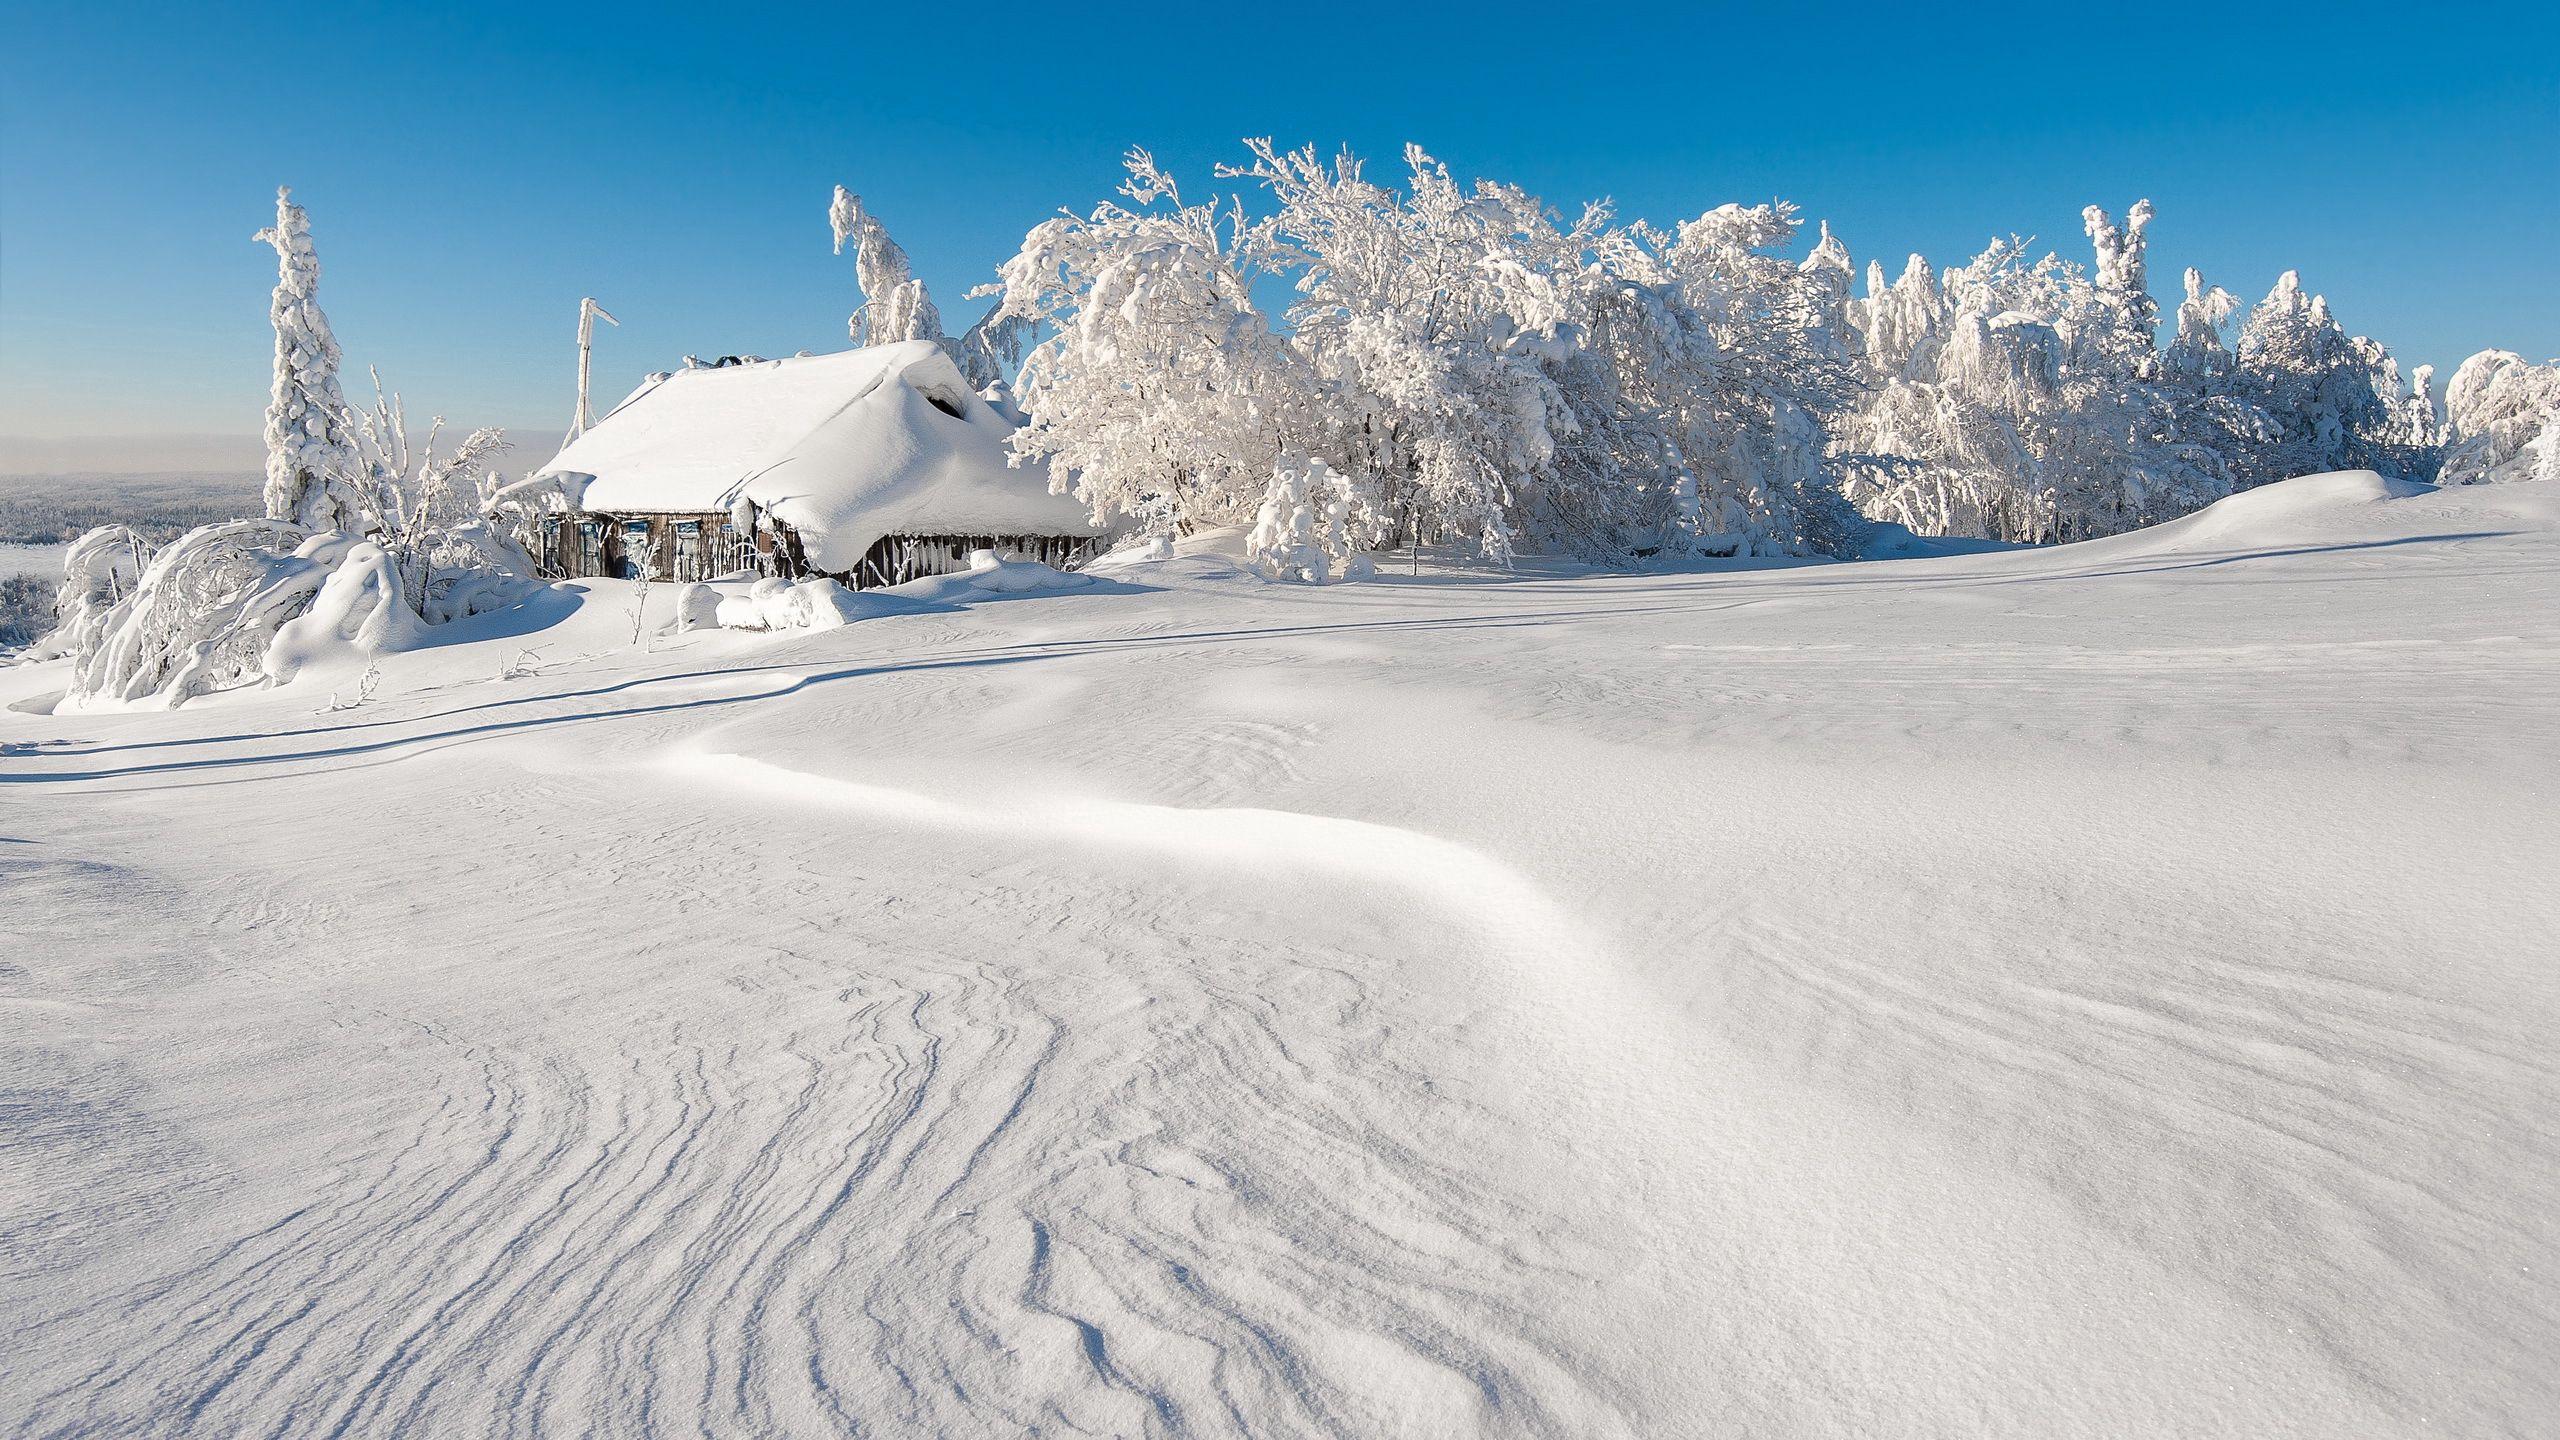 113467 скачать обои Природа, Зима, Здание, Снег, Деревья, Сугробы - заставки и картинки бесплатно